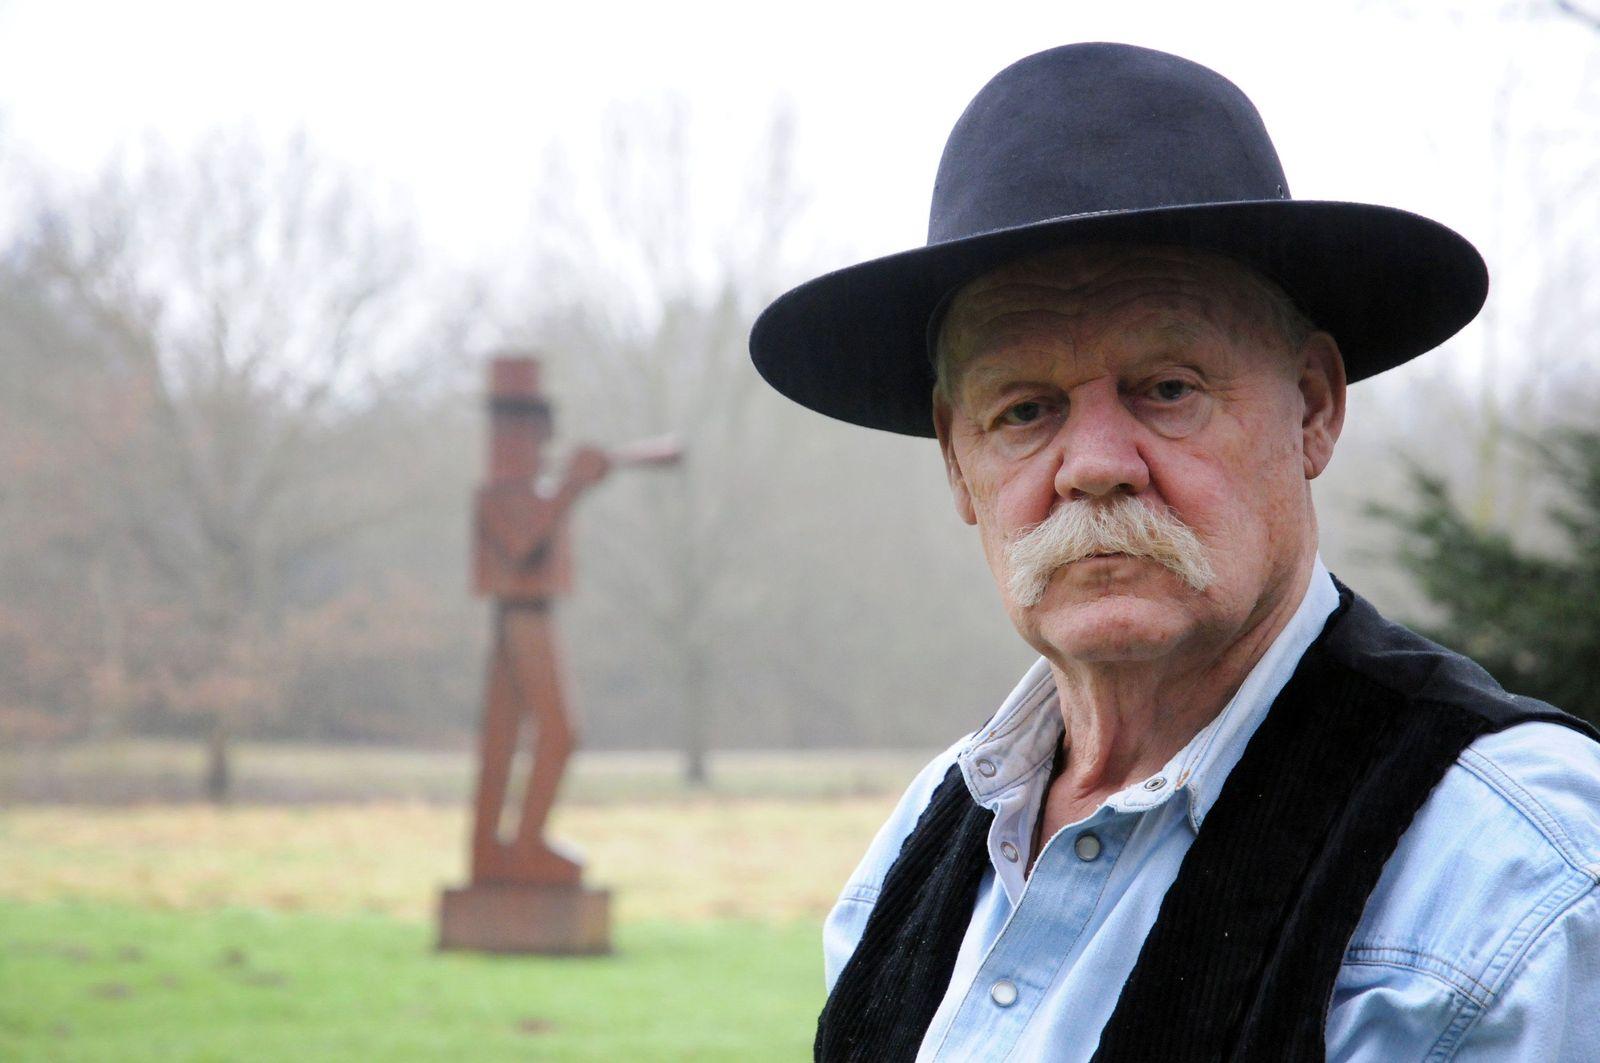 Künstler Anatol Herzfeld im Alter von 88 Jahren gestorben